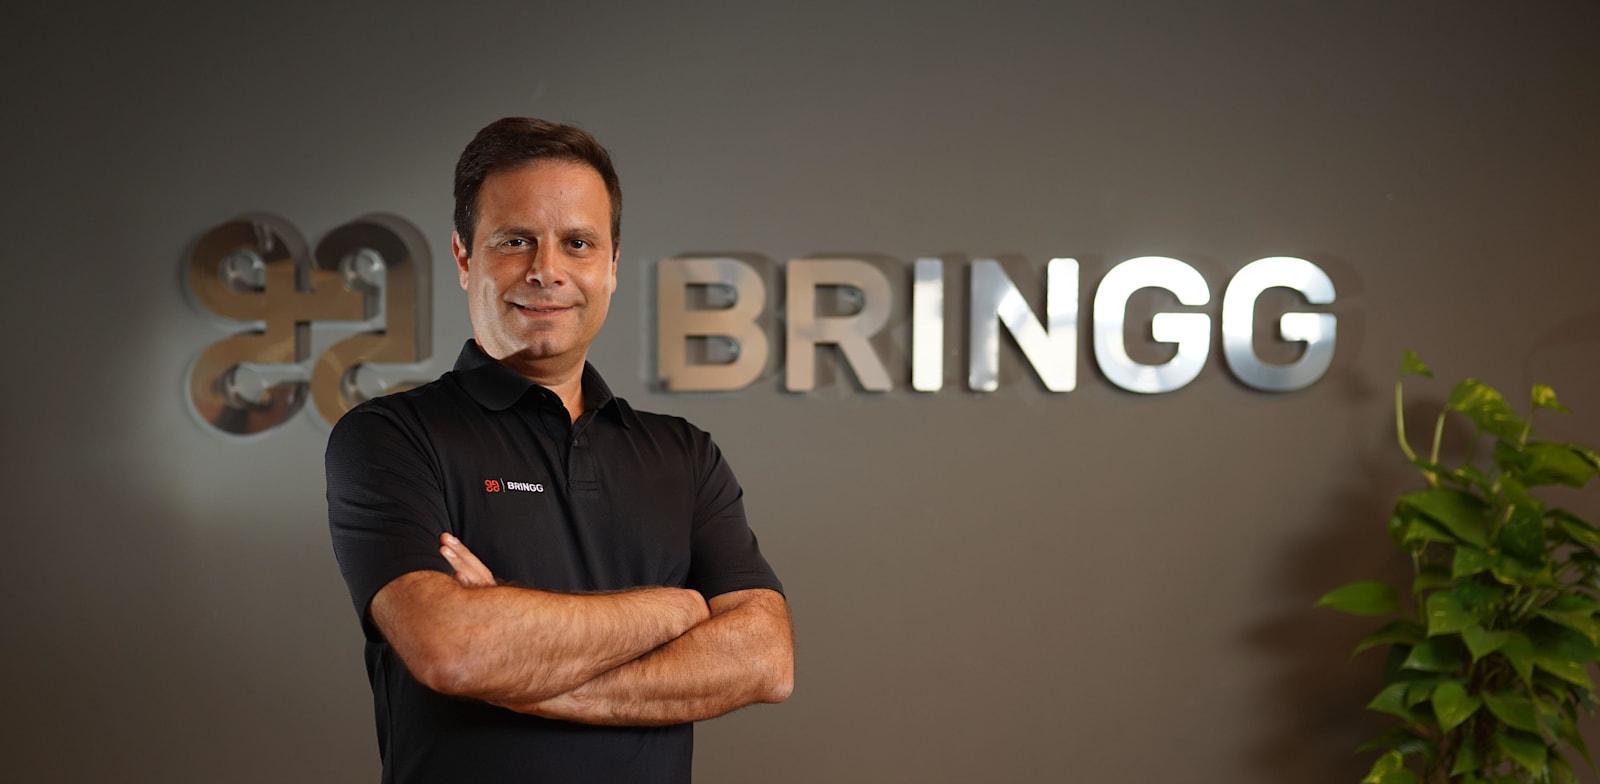 """גיא בלוך, מנכ""""ל חברת ברינגג / צילום: ג'ויה Bringg"""